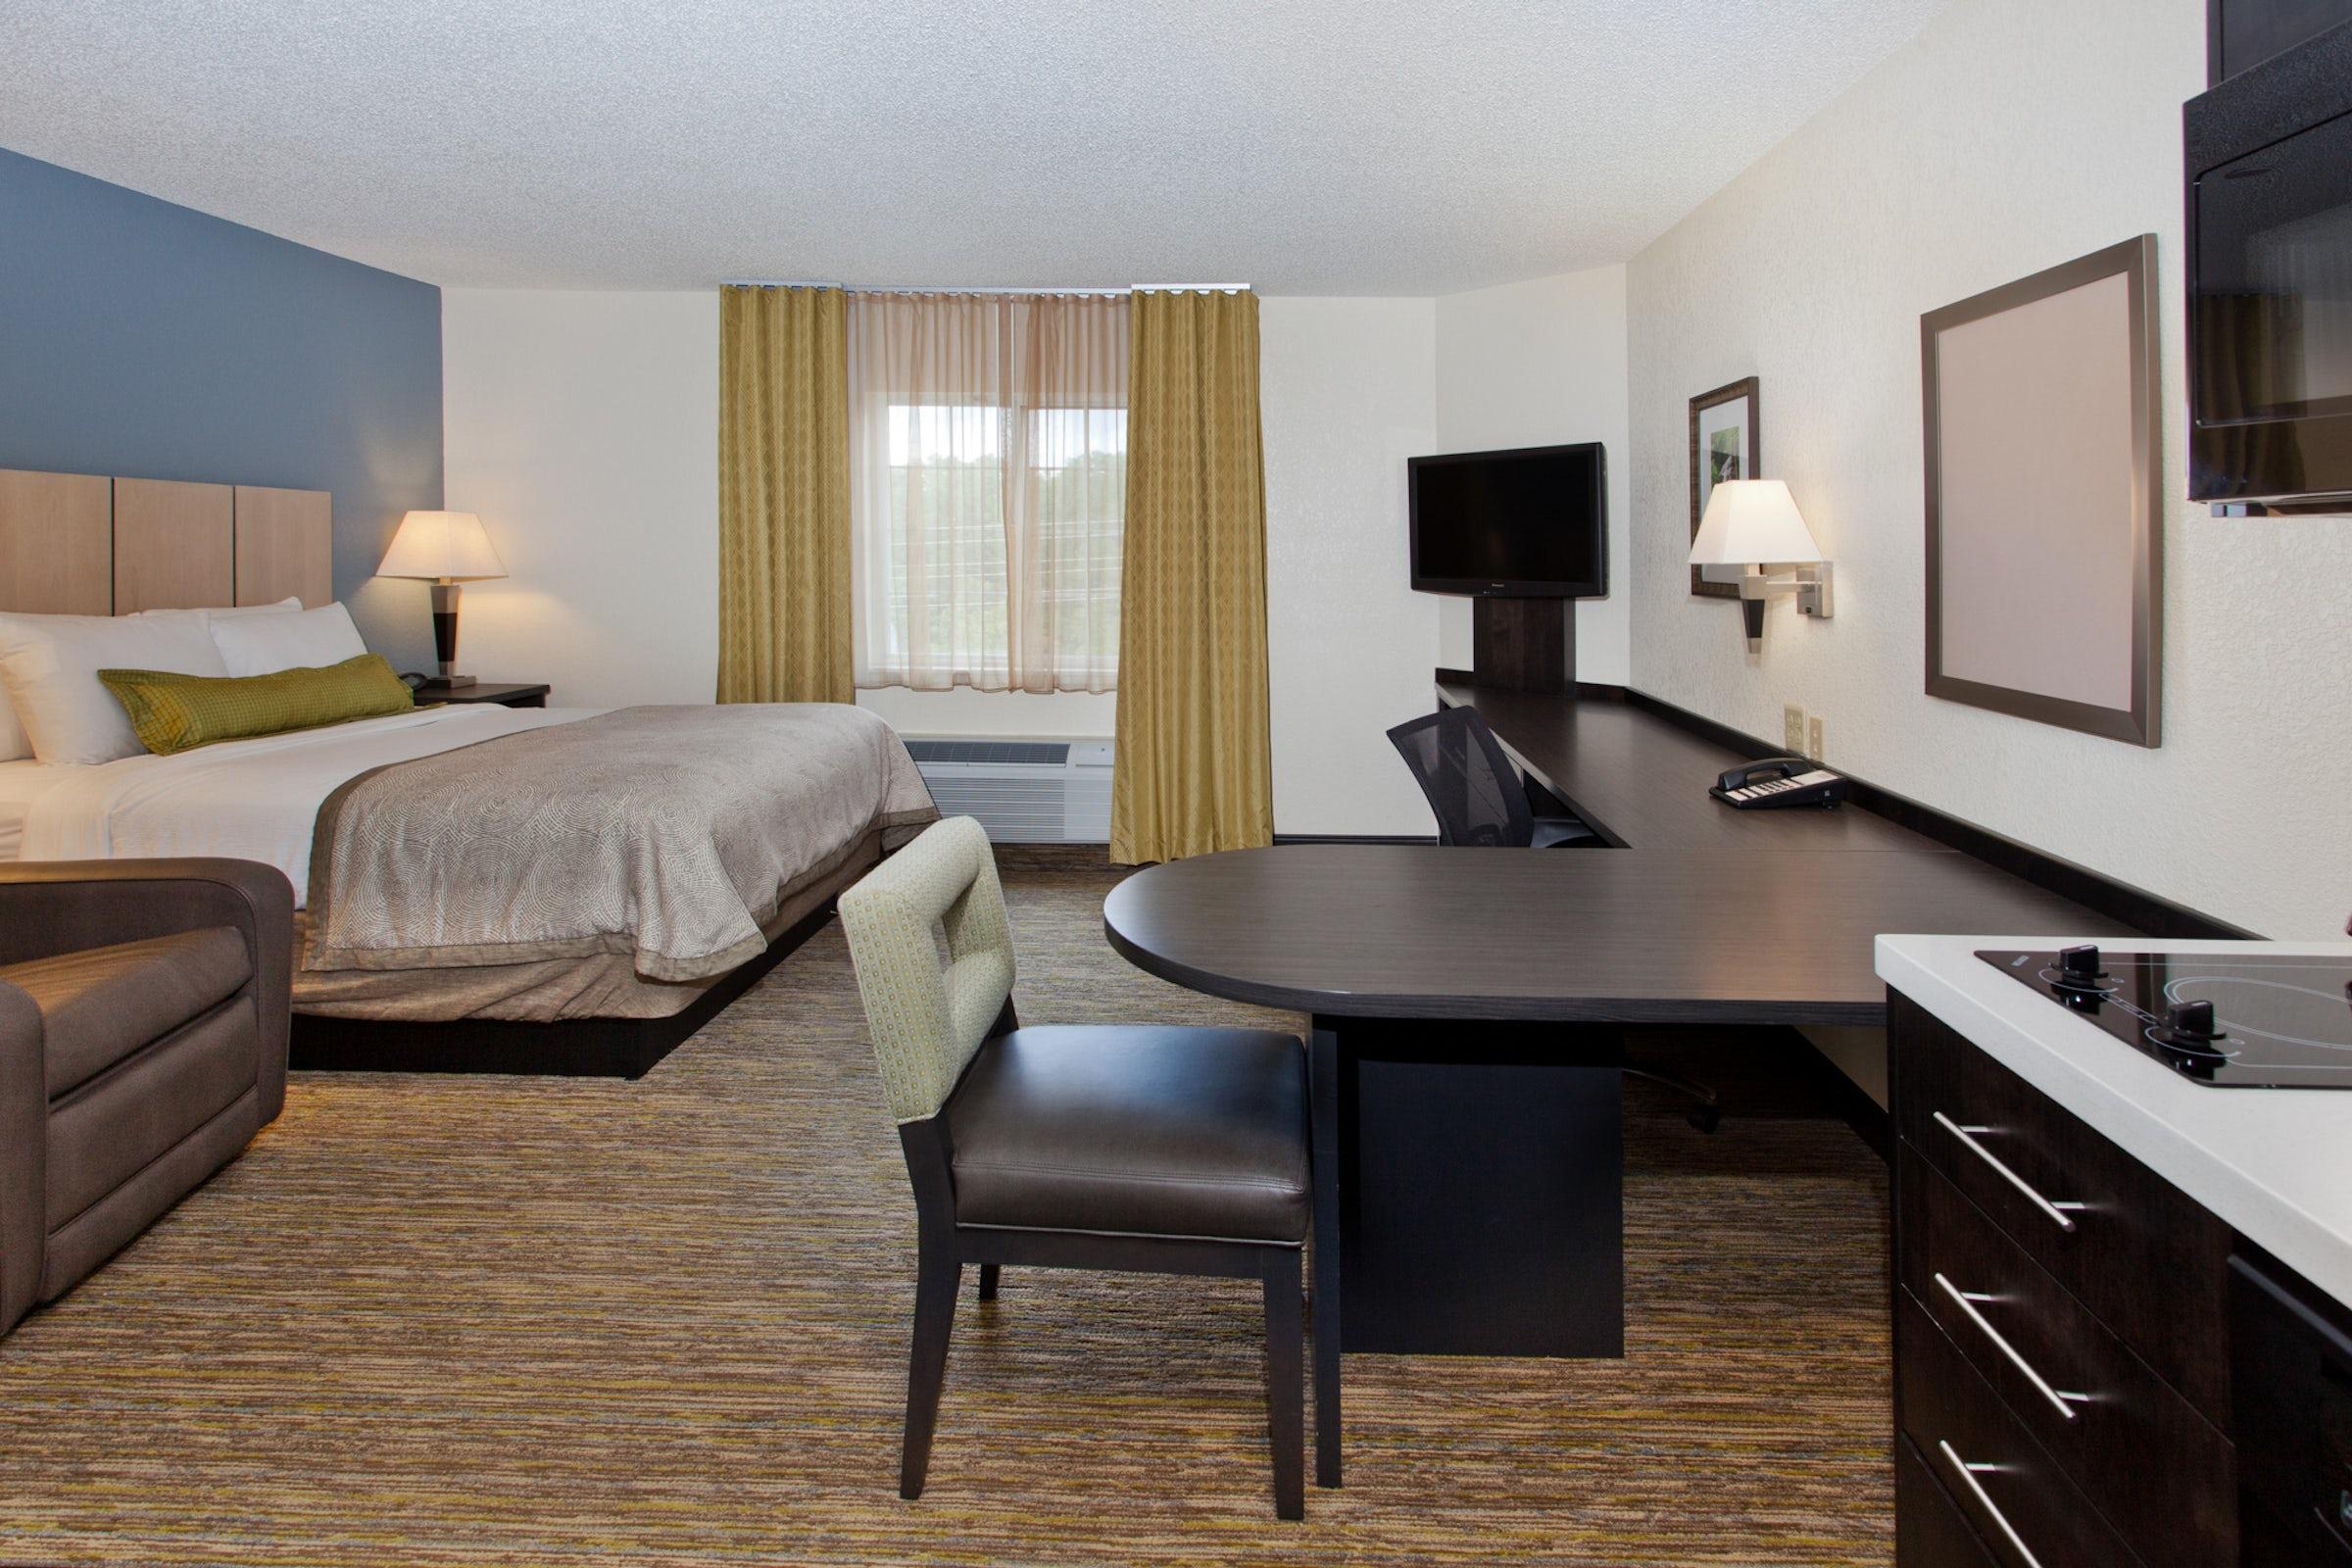 Sonesta Simply Suites Dallas Galleria in Beyond Dallas